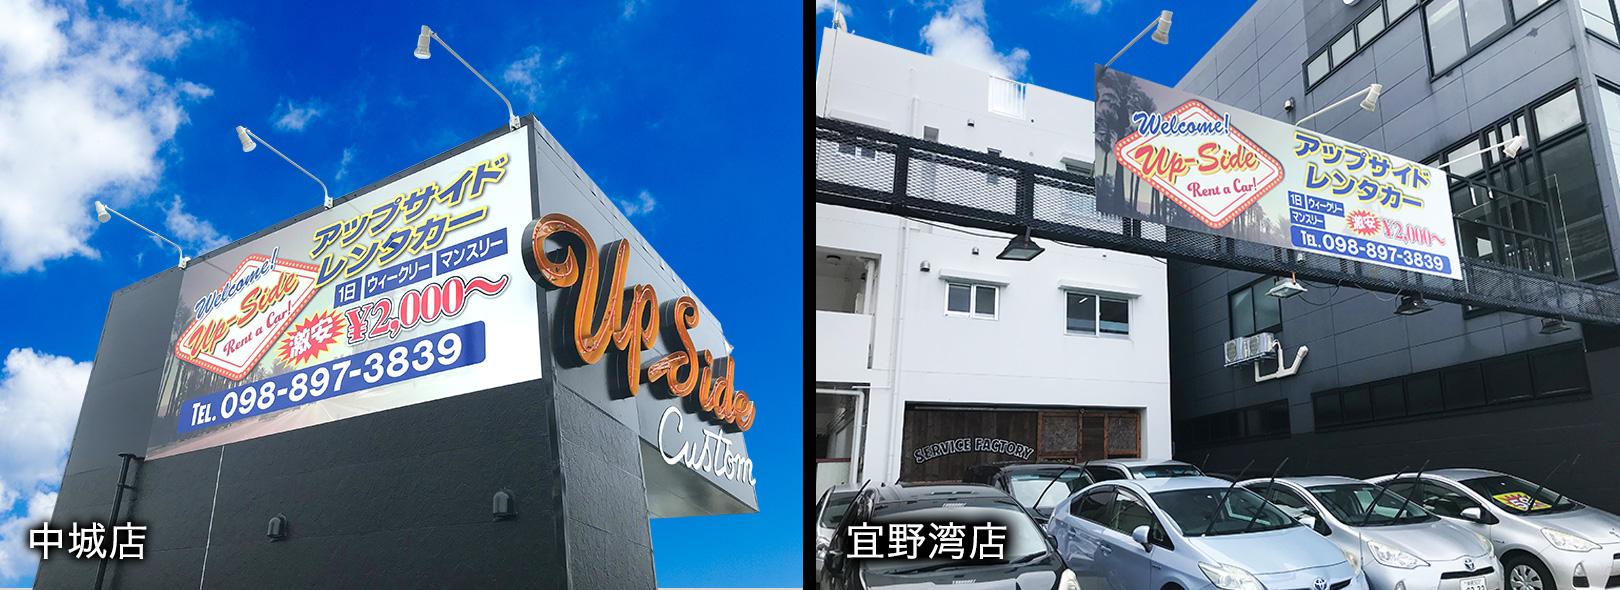 中城村と宜野湾にあるアップサイドレンタカー